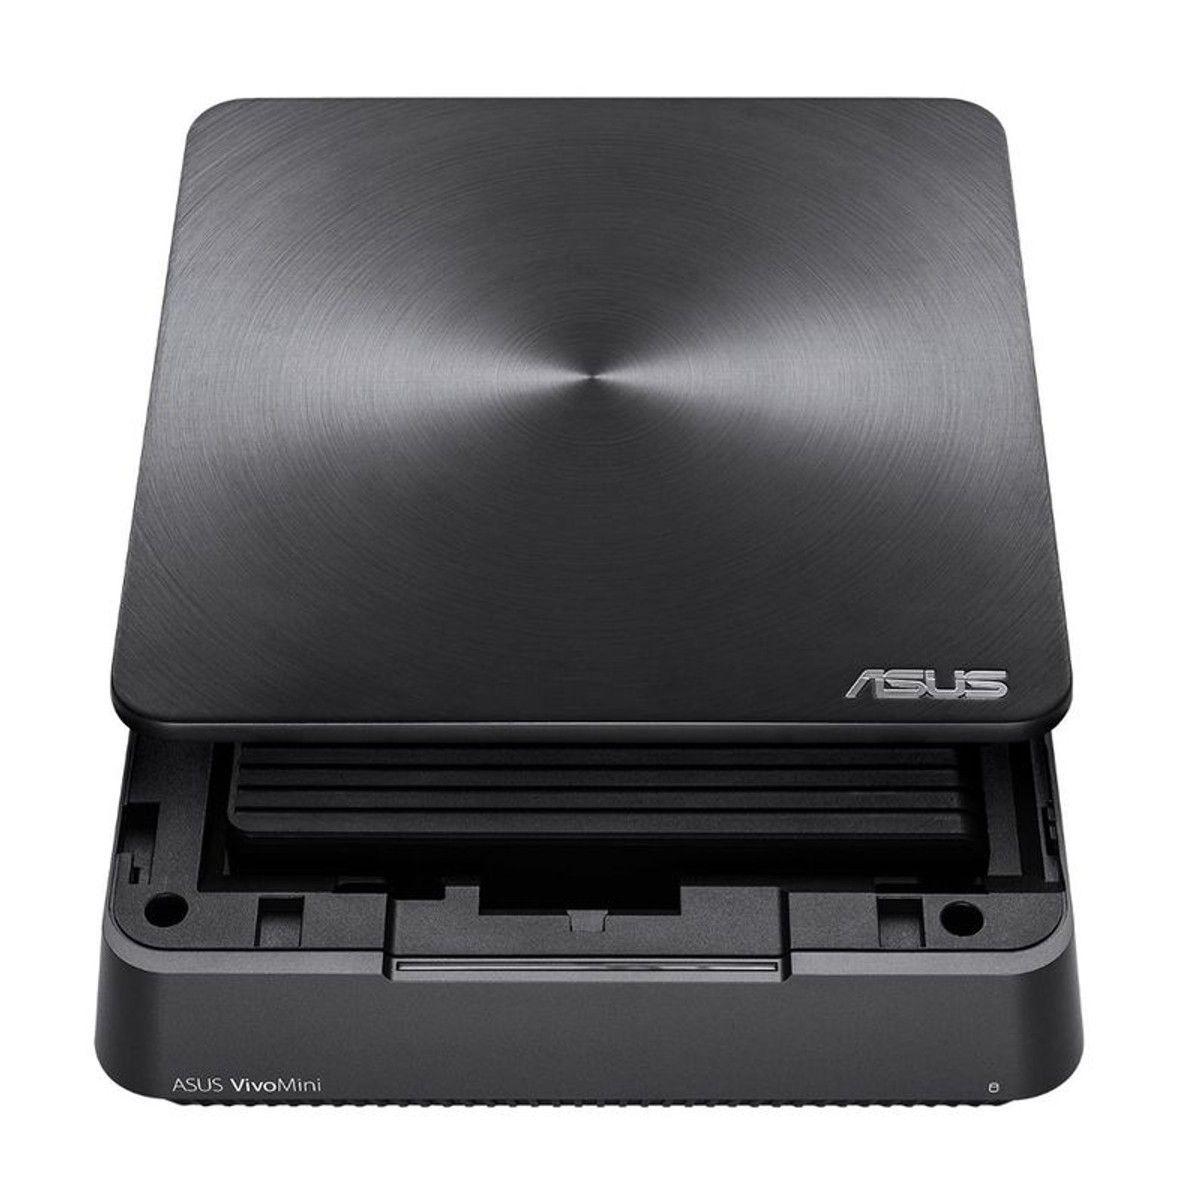 Barebone Mini Pc Vm65n G067z Taille Taille Unique Pc Asus Bureau Ordinateur